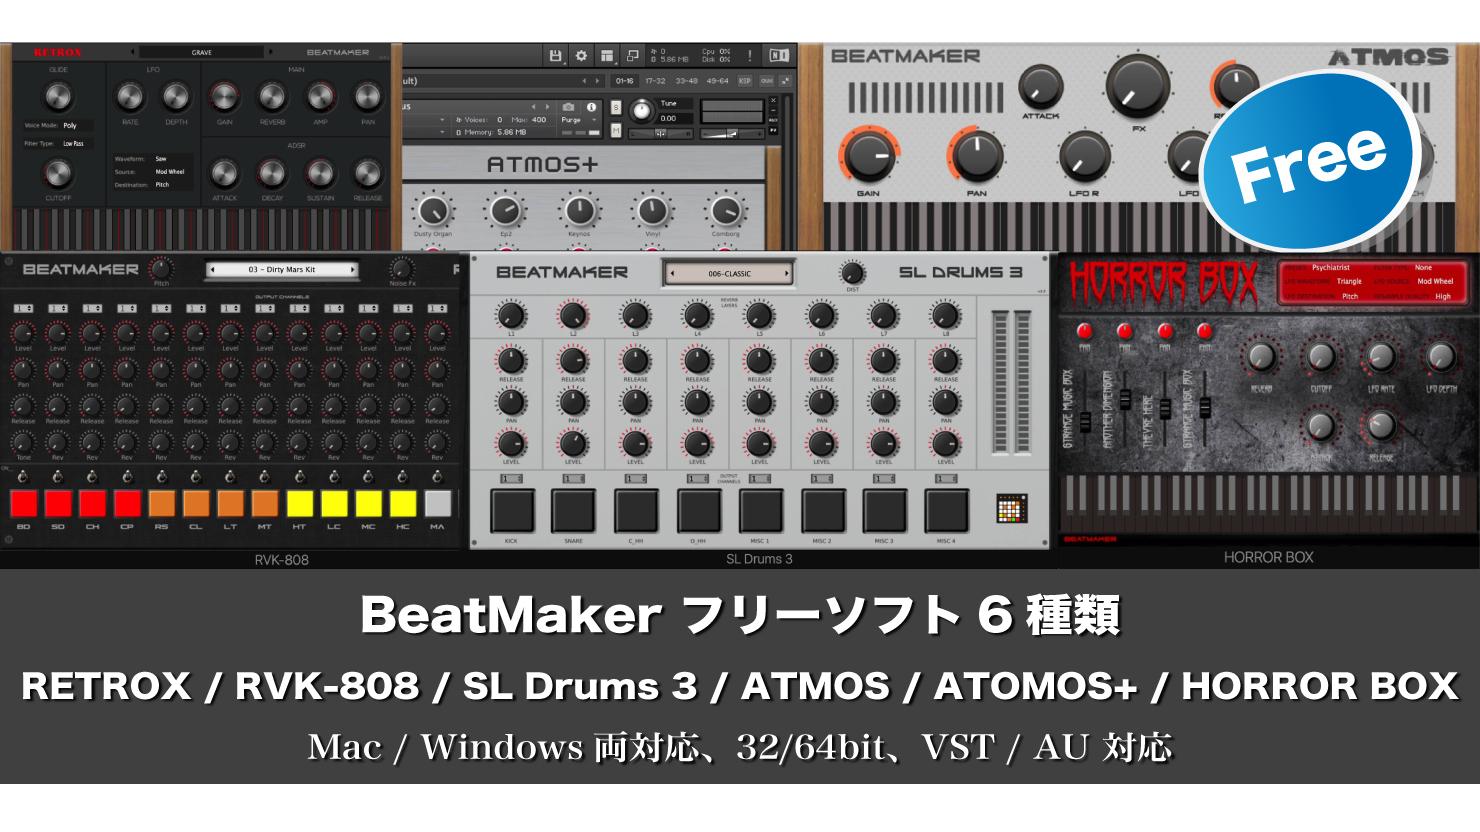 【無料】BeatMaker フリーソフト6種類!RETROX / RVK-808 / SL Drums 3 / ATMOS / ATOMOS+ / HORROR BOX